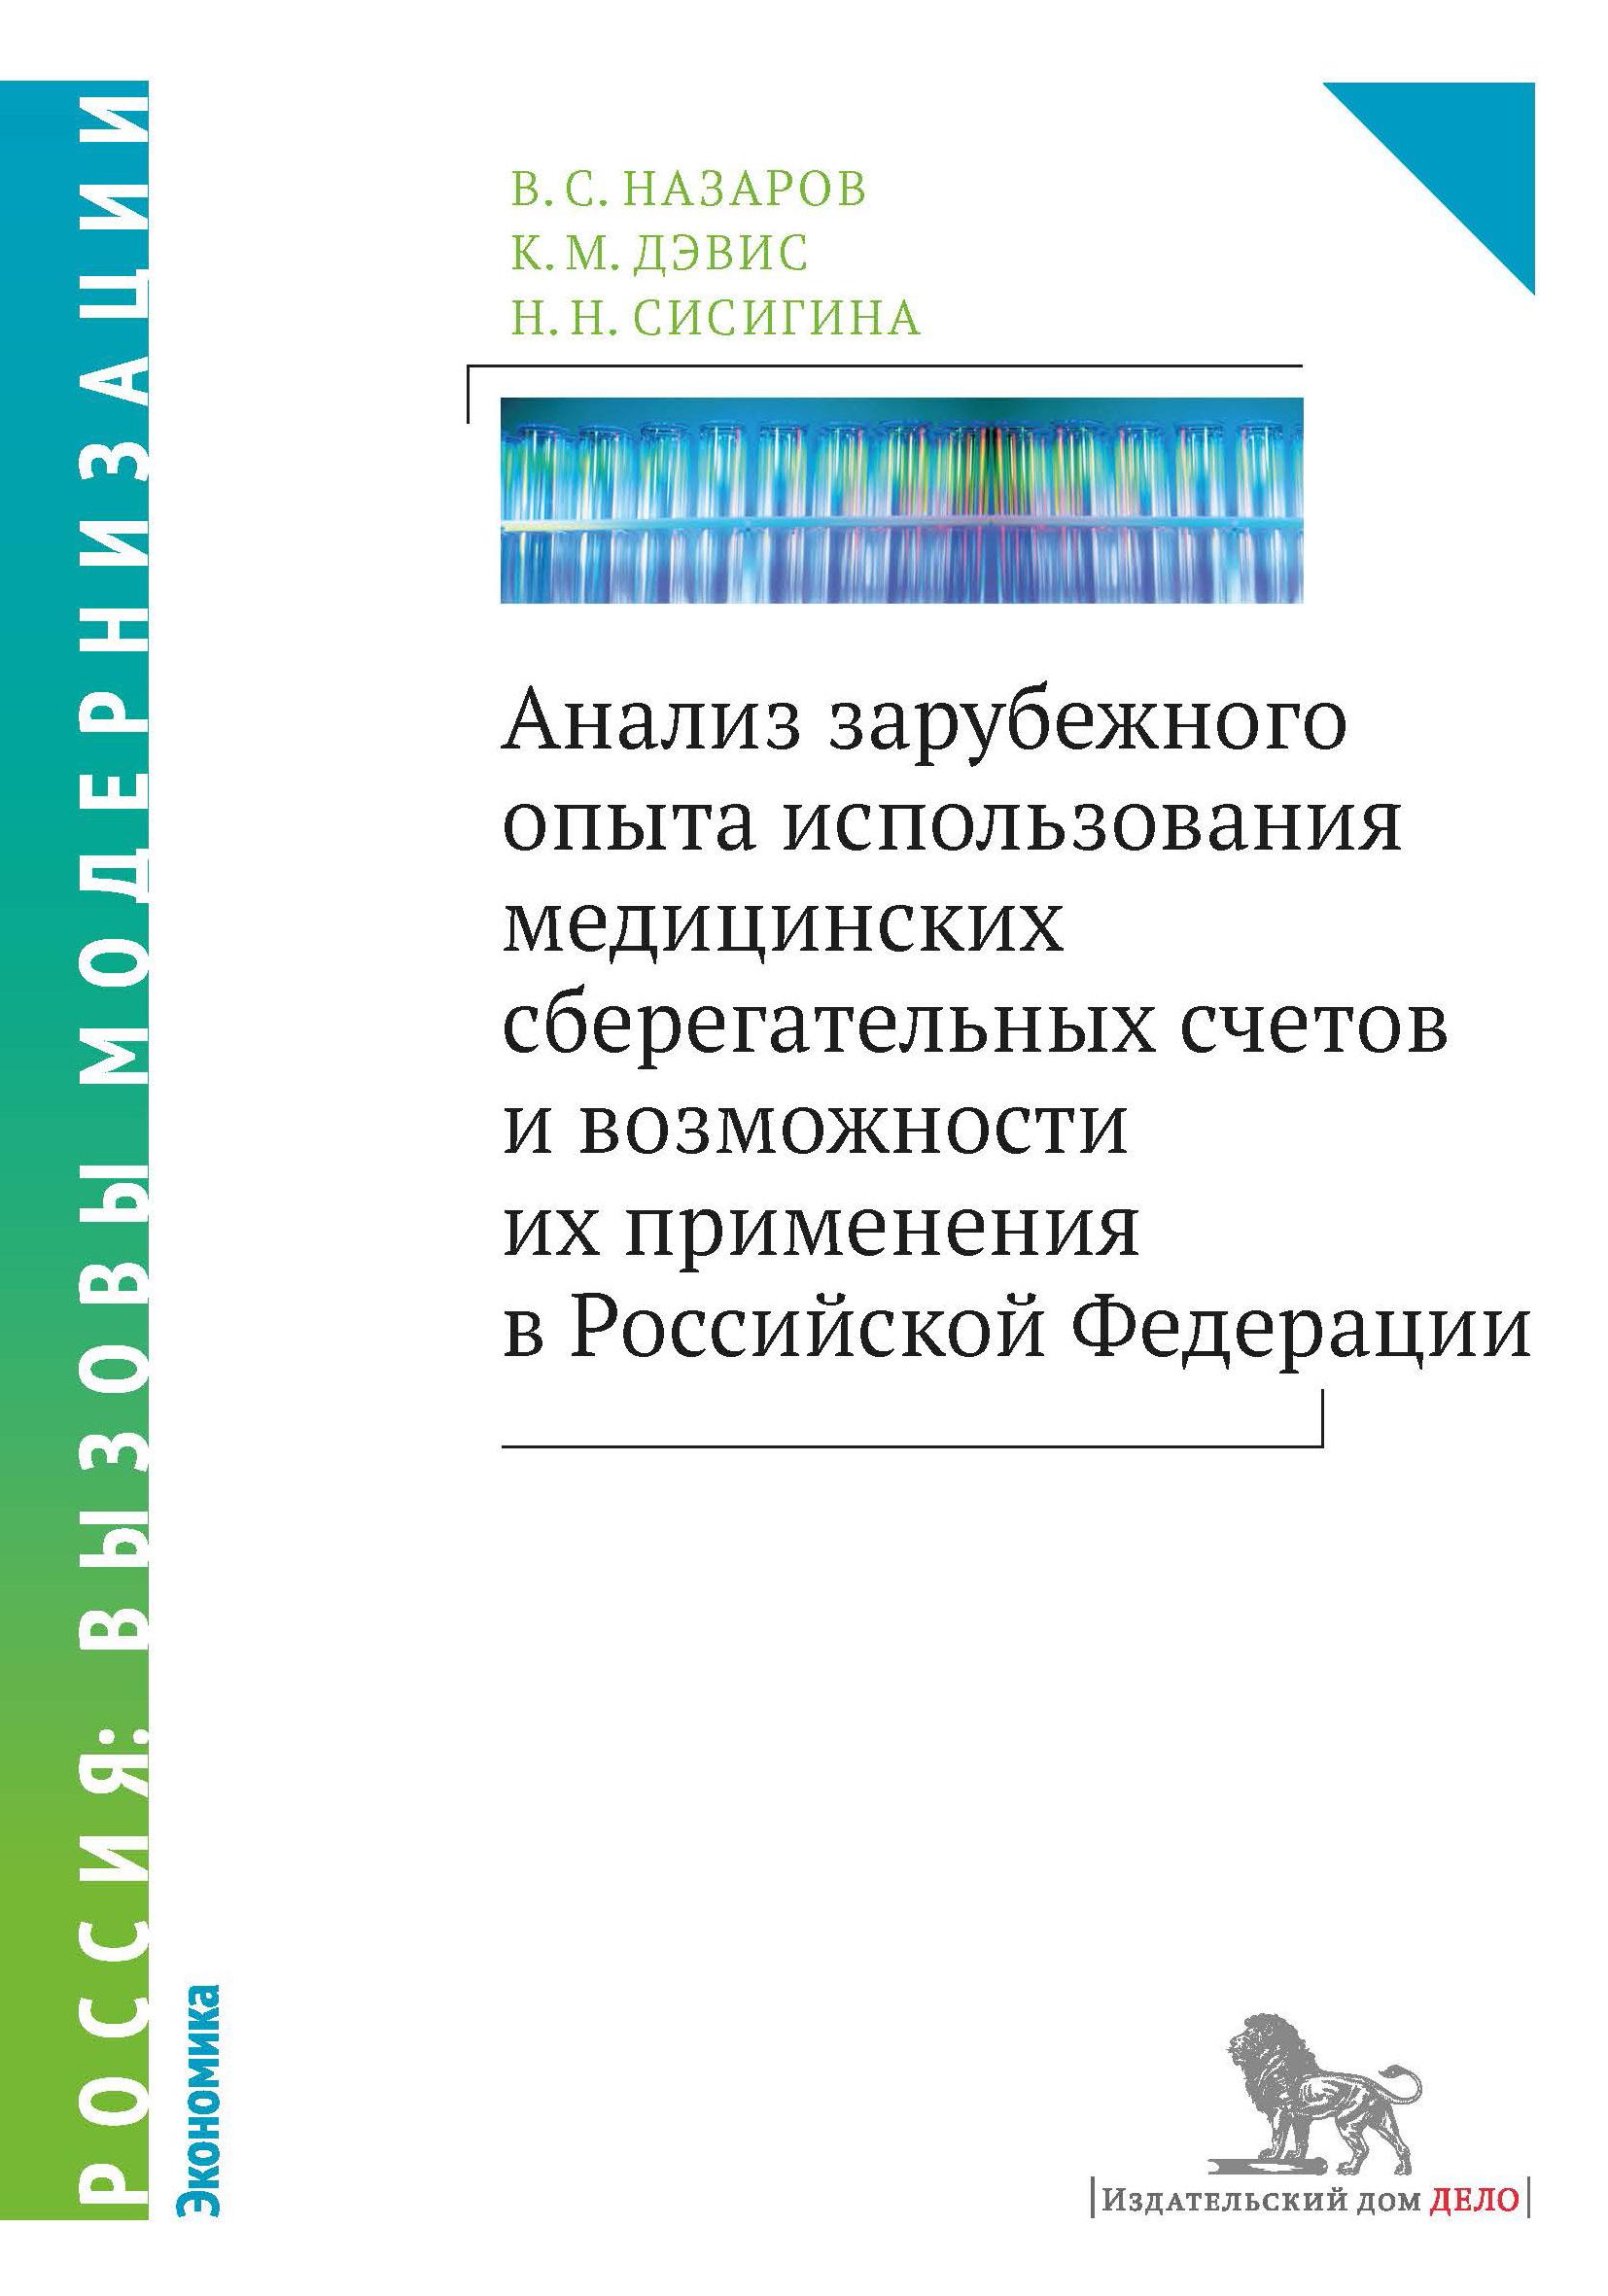 В. С. Назаров Анализ зарубежного опыта использования медицинских сберегательных счетов и возможности их применения в Российской Федерации